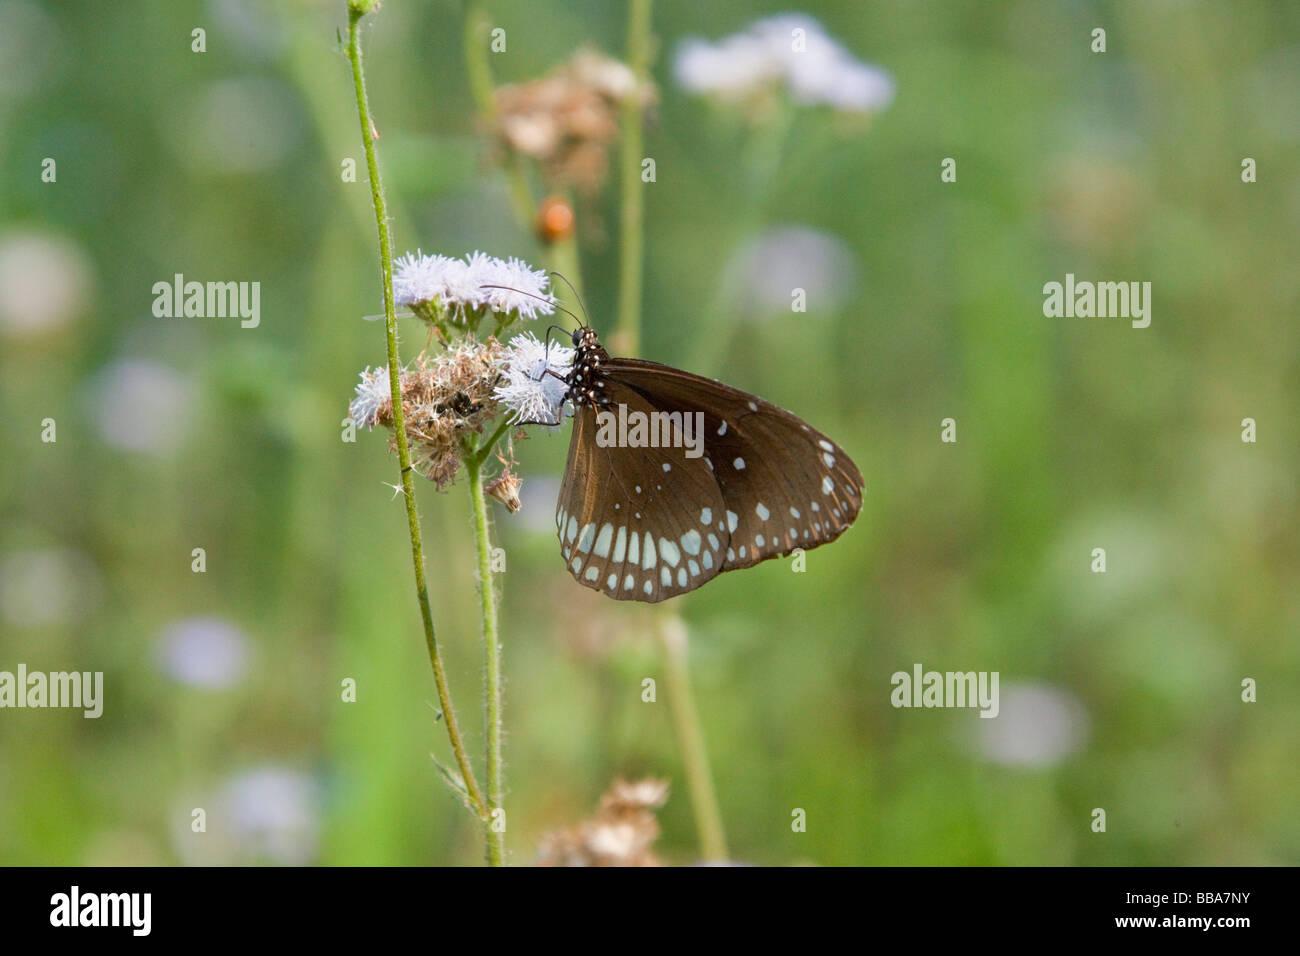 Brauner Schmetterling Papillon Futterung Auf Blume Royal Hitwan